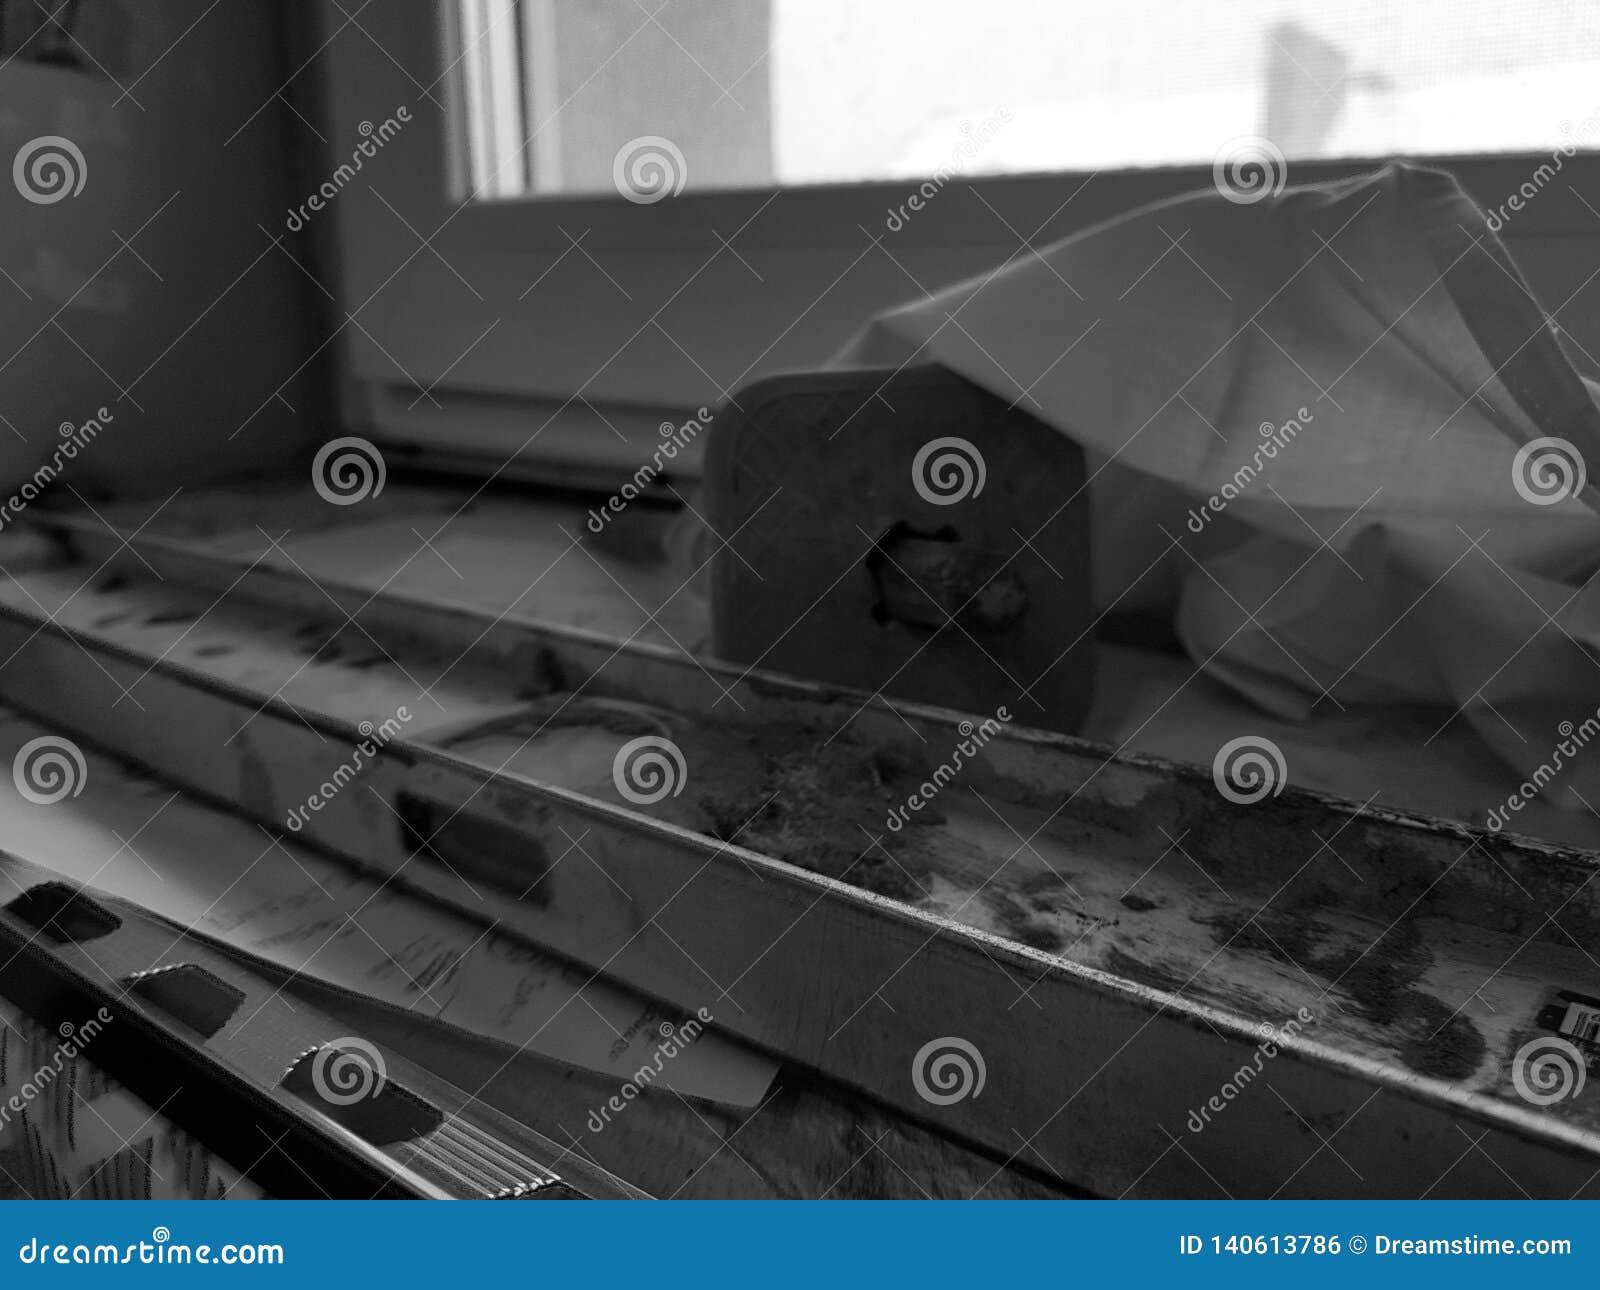 Naprawa - budynek z narzędziami i młotem, ścinak, budynek równy